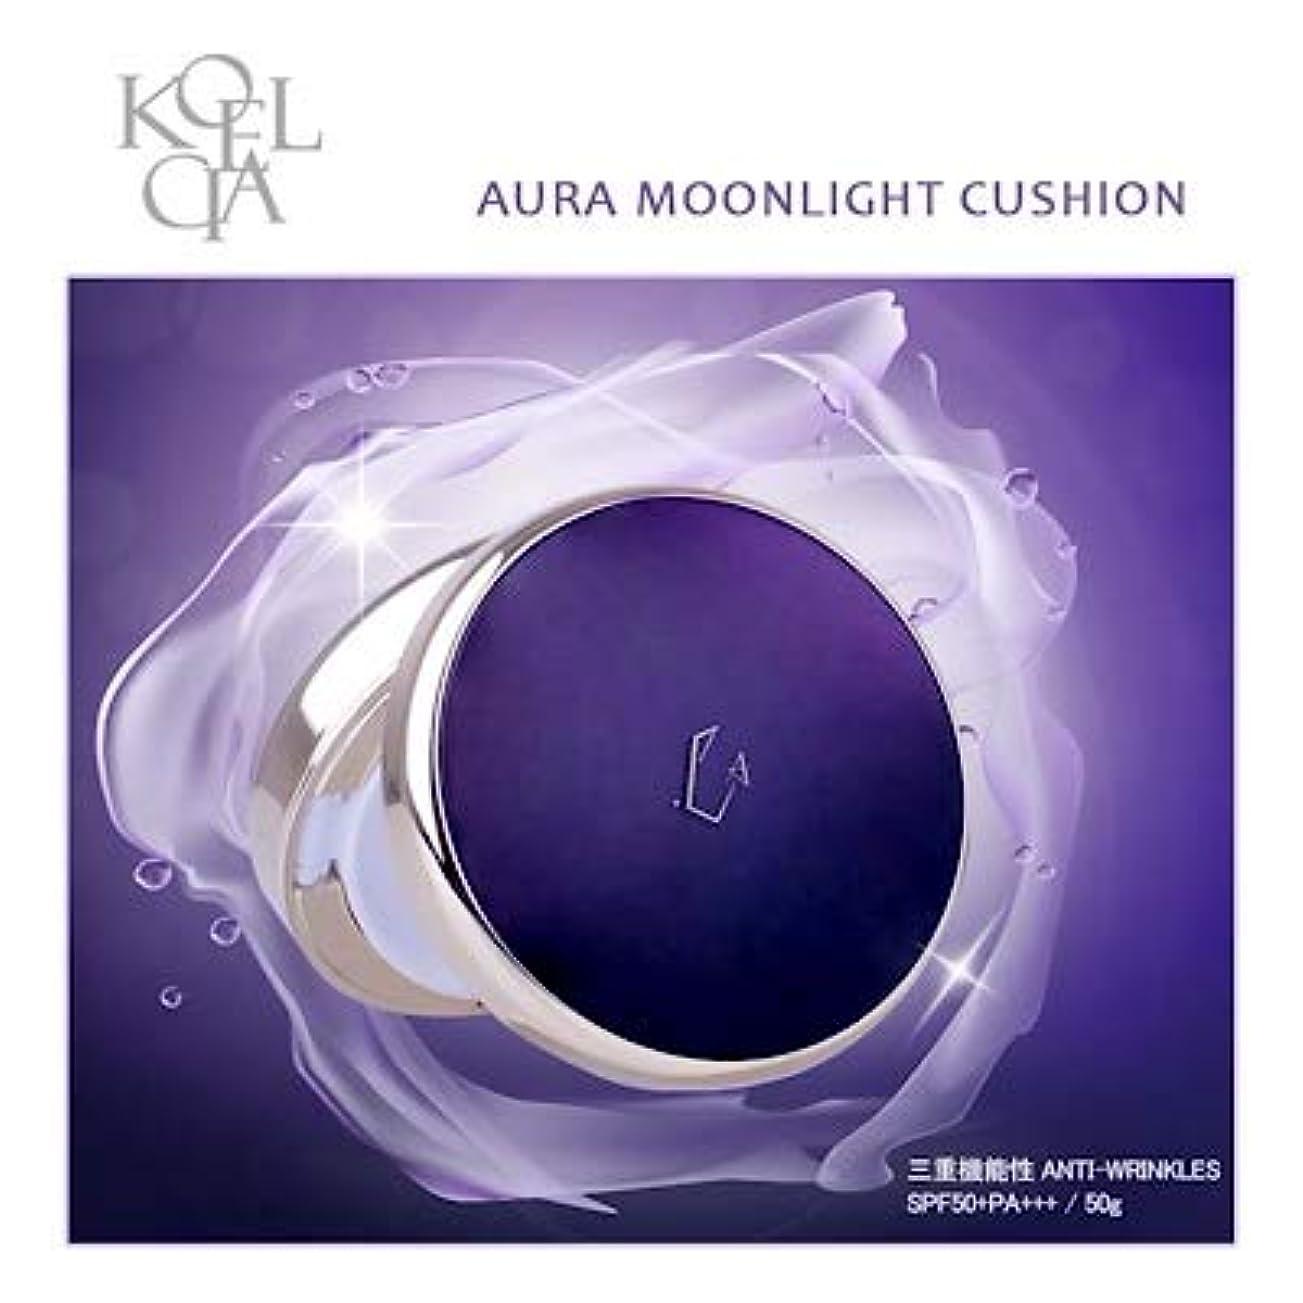 活力複雑でない抑止するKOELCIA Aura Moonlight Cushion 14g No.21(Light Beige) クッション 三重機能性Anti-Wrinkles(SPF50+PA+++ / 14g)完全新商品!!/Korea...